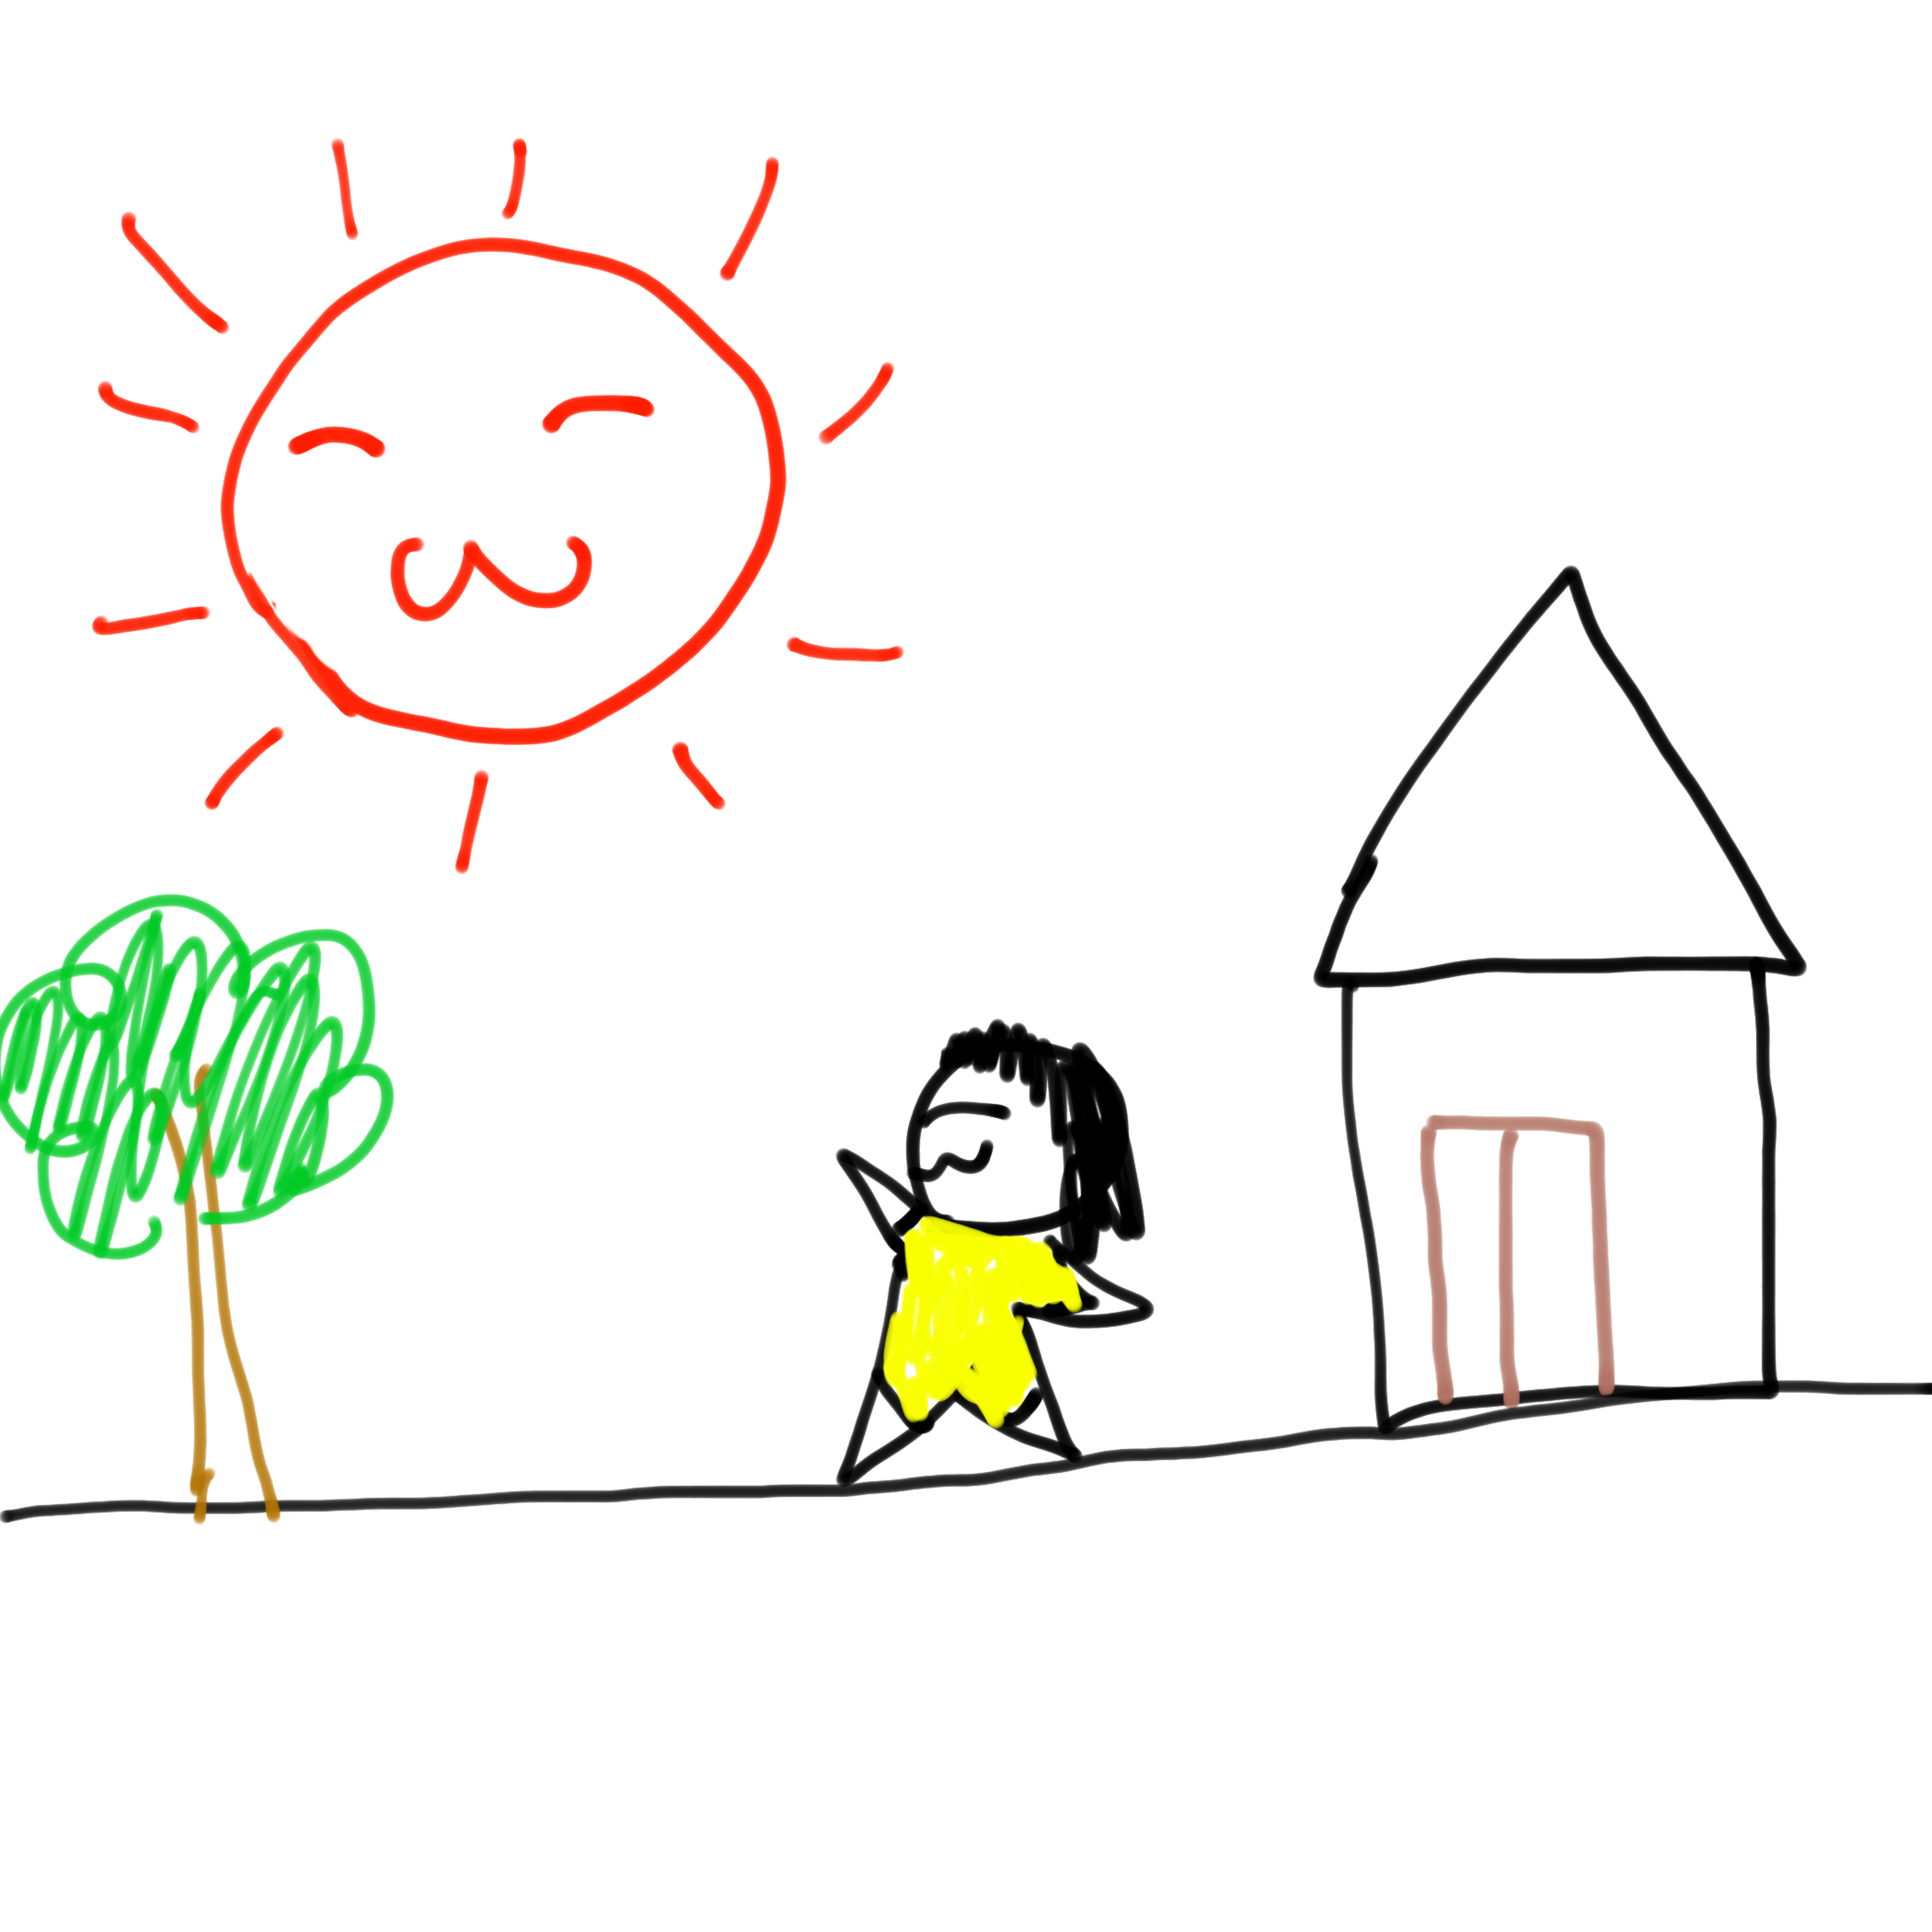 リモートワークが長引いて気分が滅入ってきたので、散歩をして太陽の光に当たってみたら少しよくなった話。